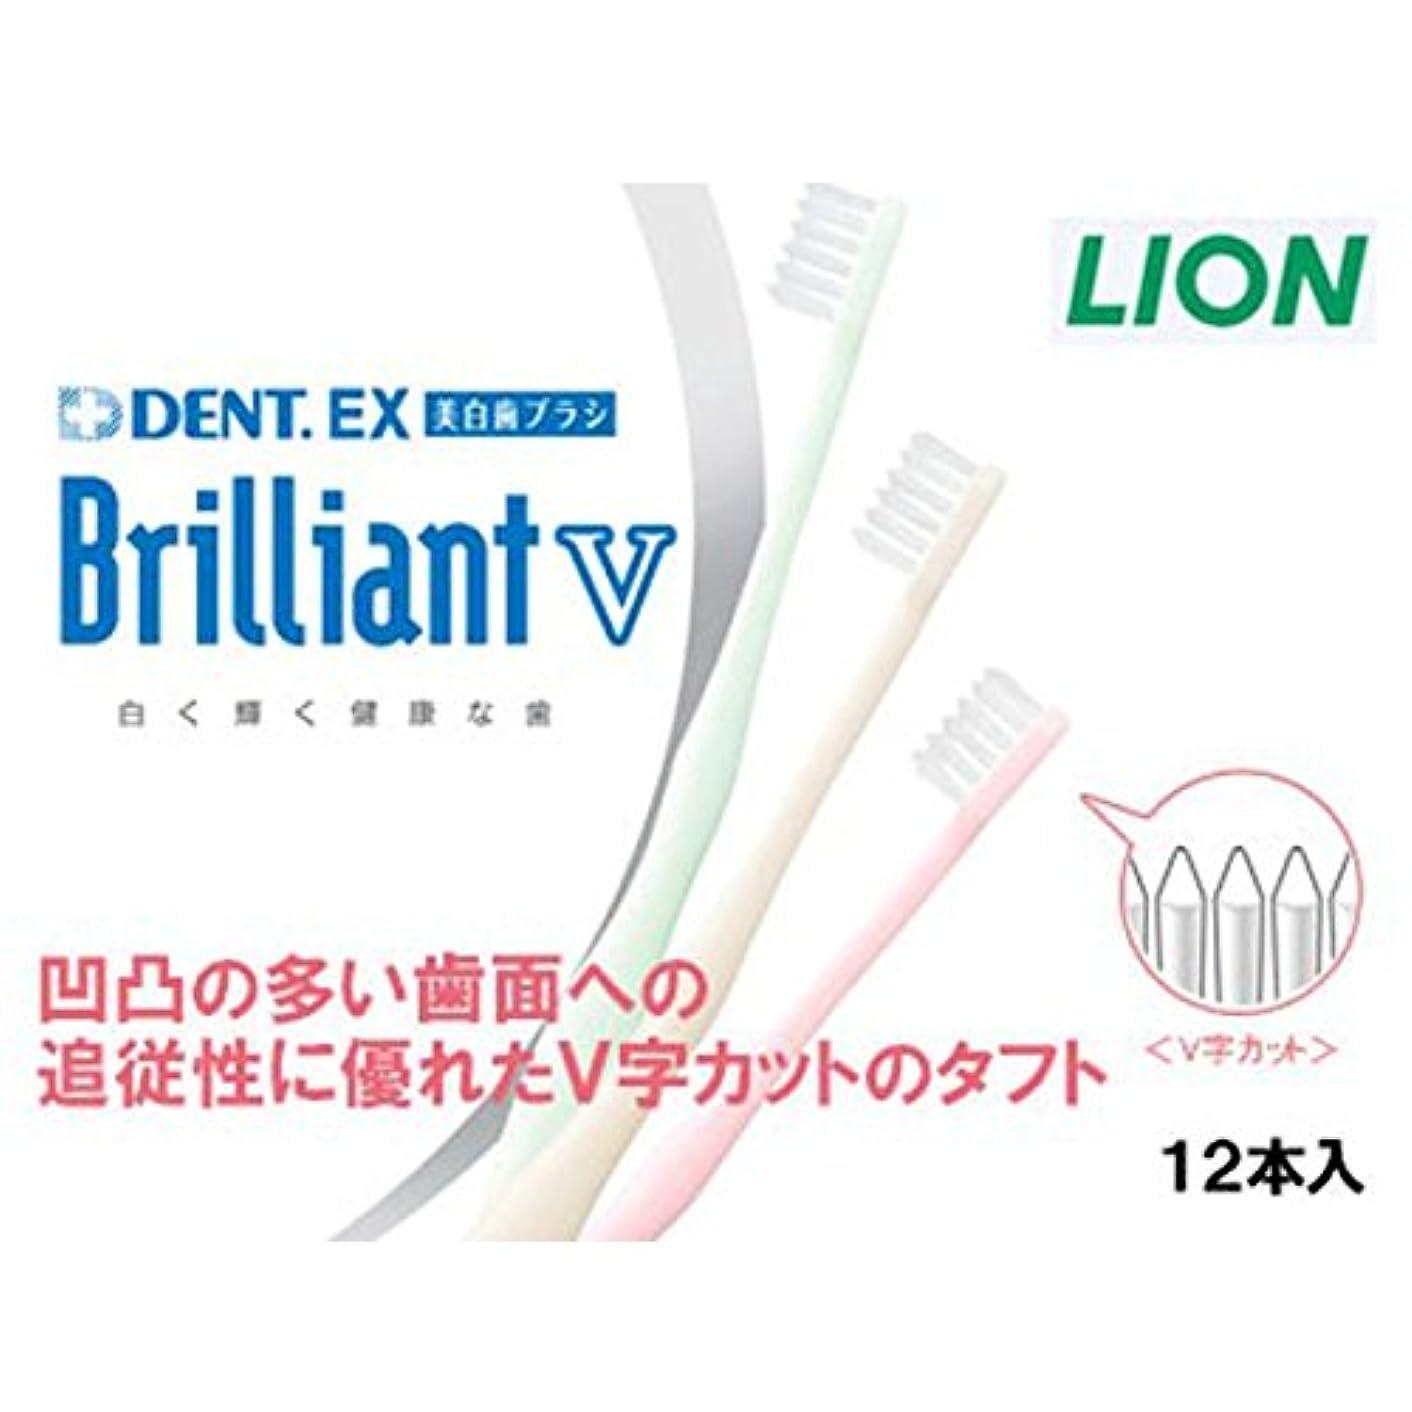 金銭的増幅器テメリティライオン ブリリアントV 歯ブラシ DENT.EX BrilliantV 12本